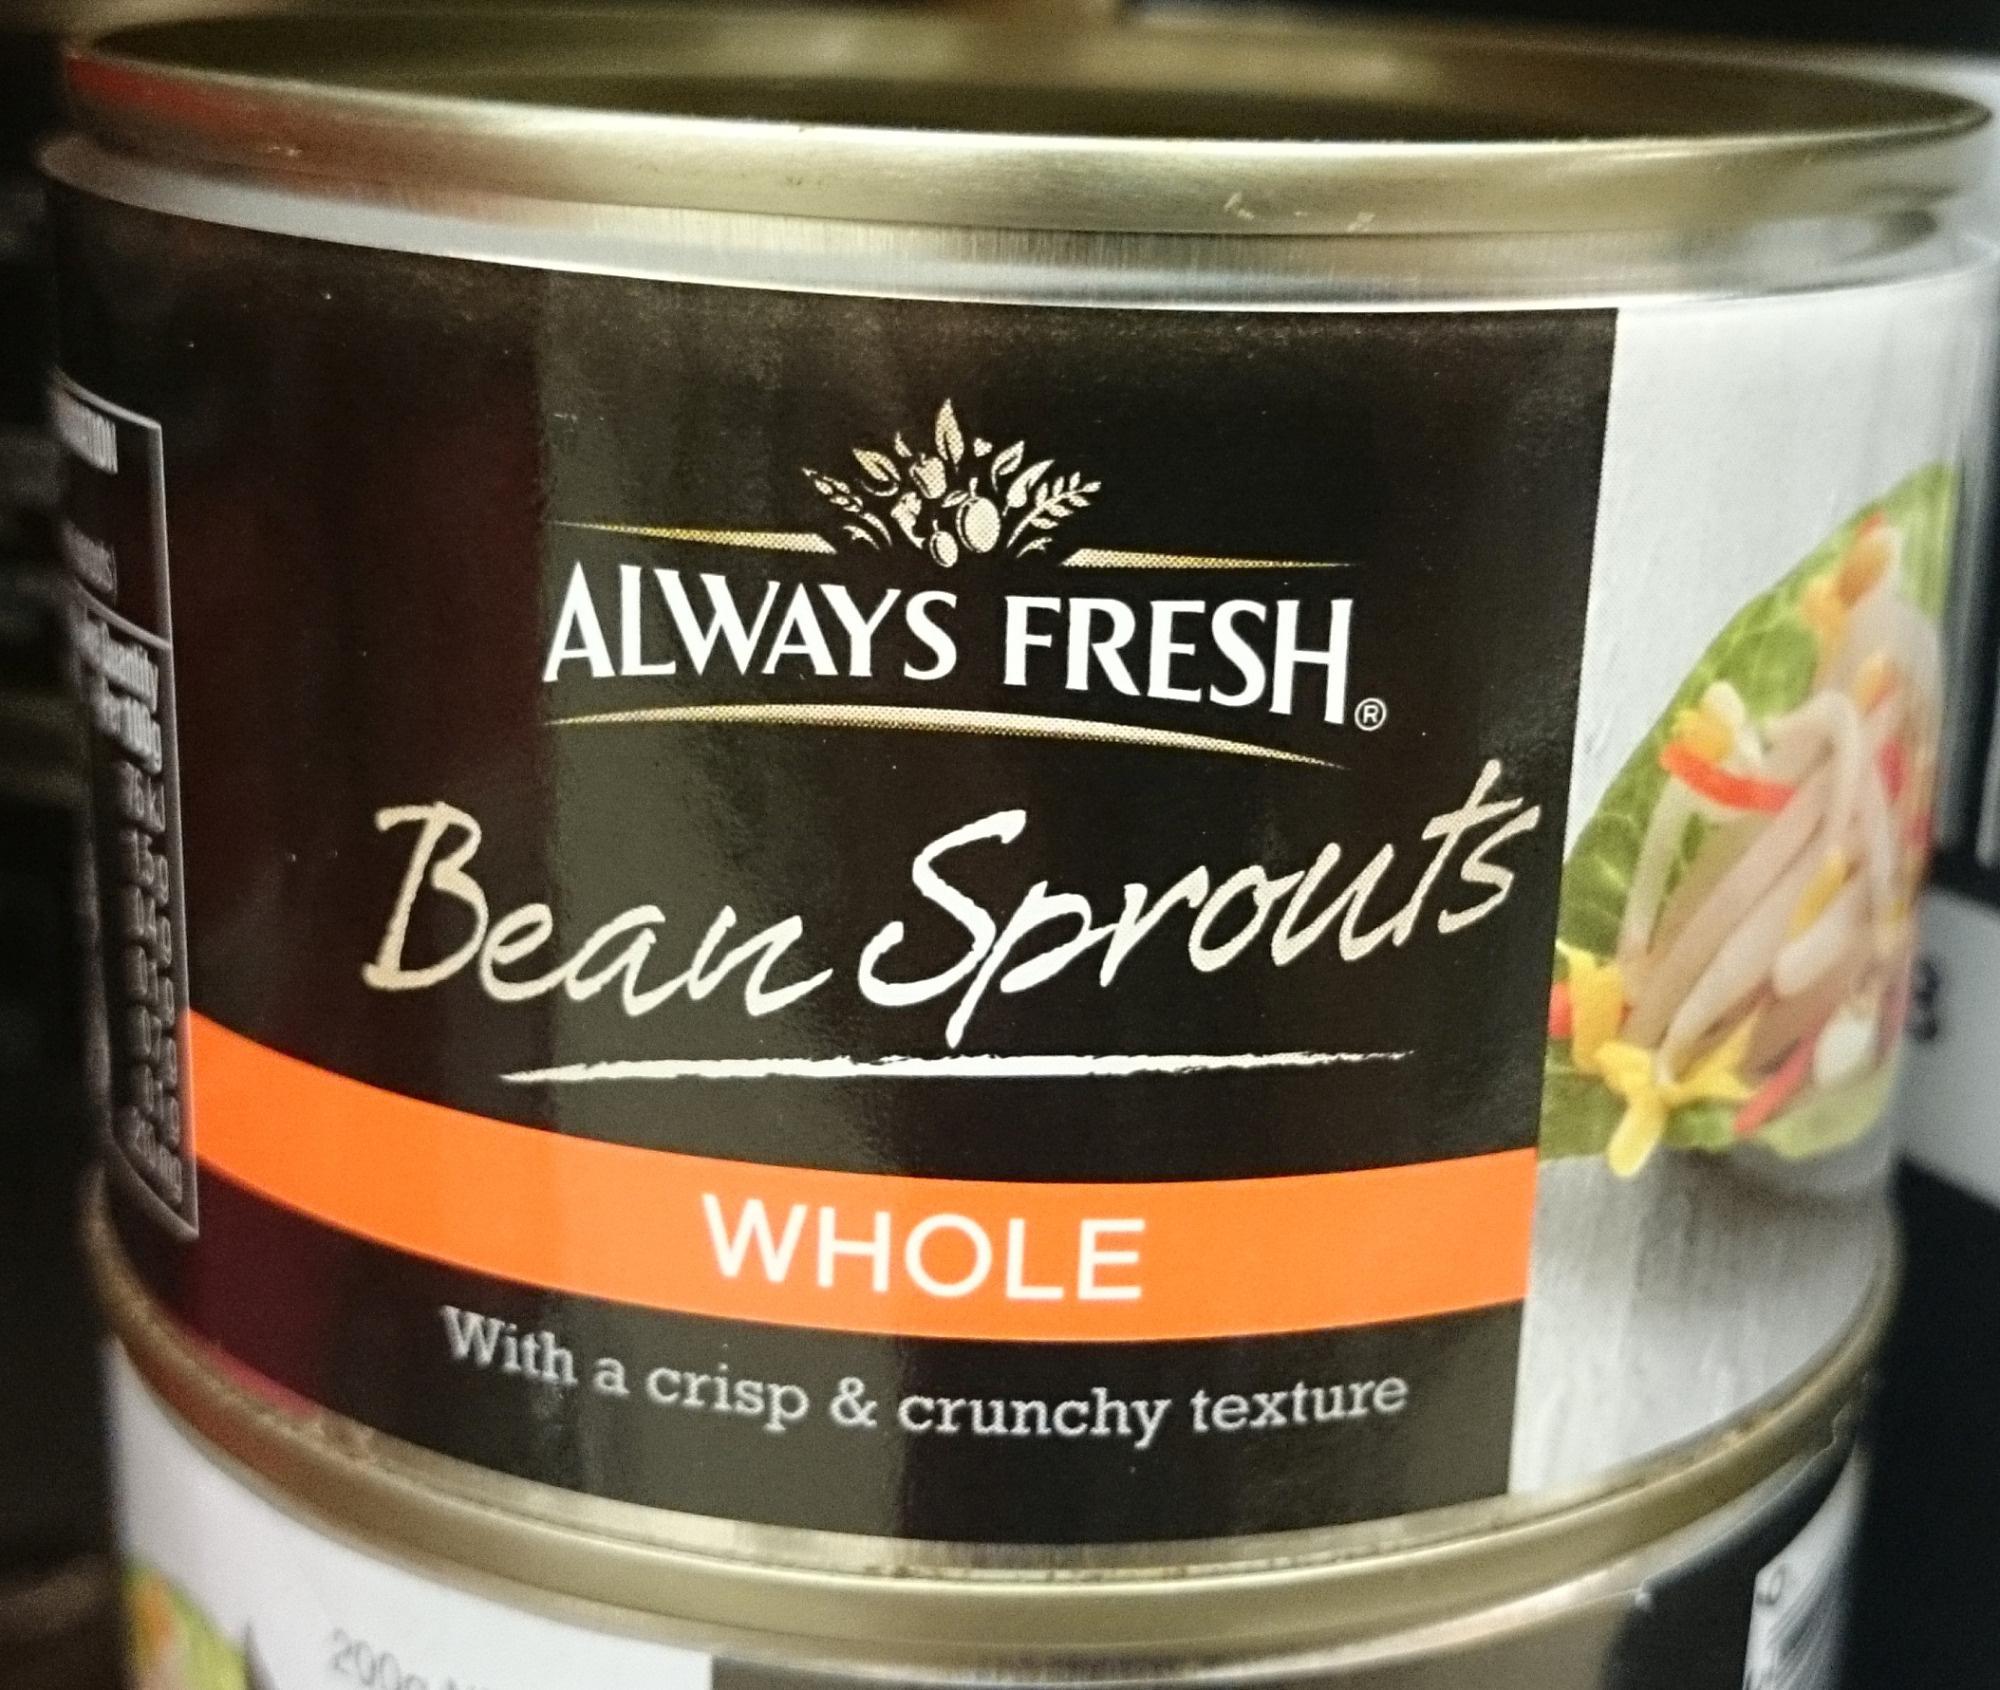 Always Fresh Whole Bean Sprouts - Produit - en